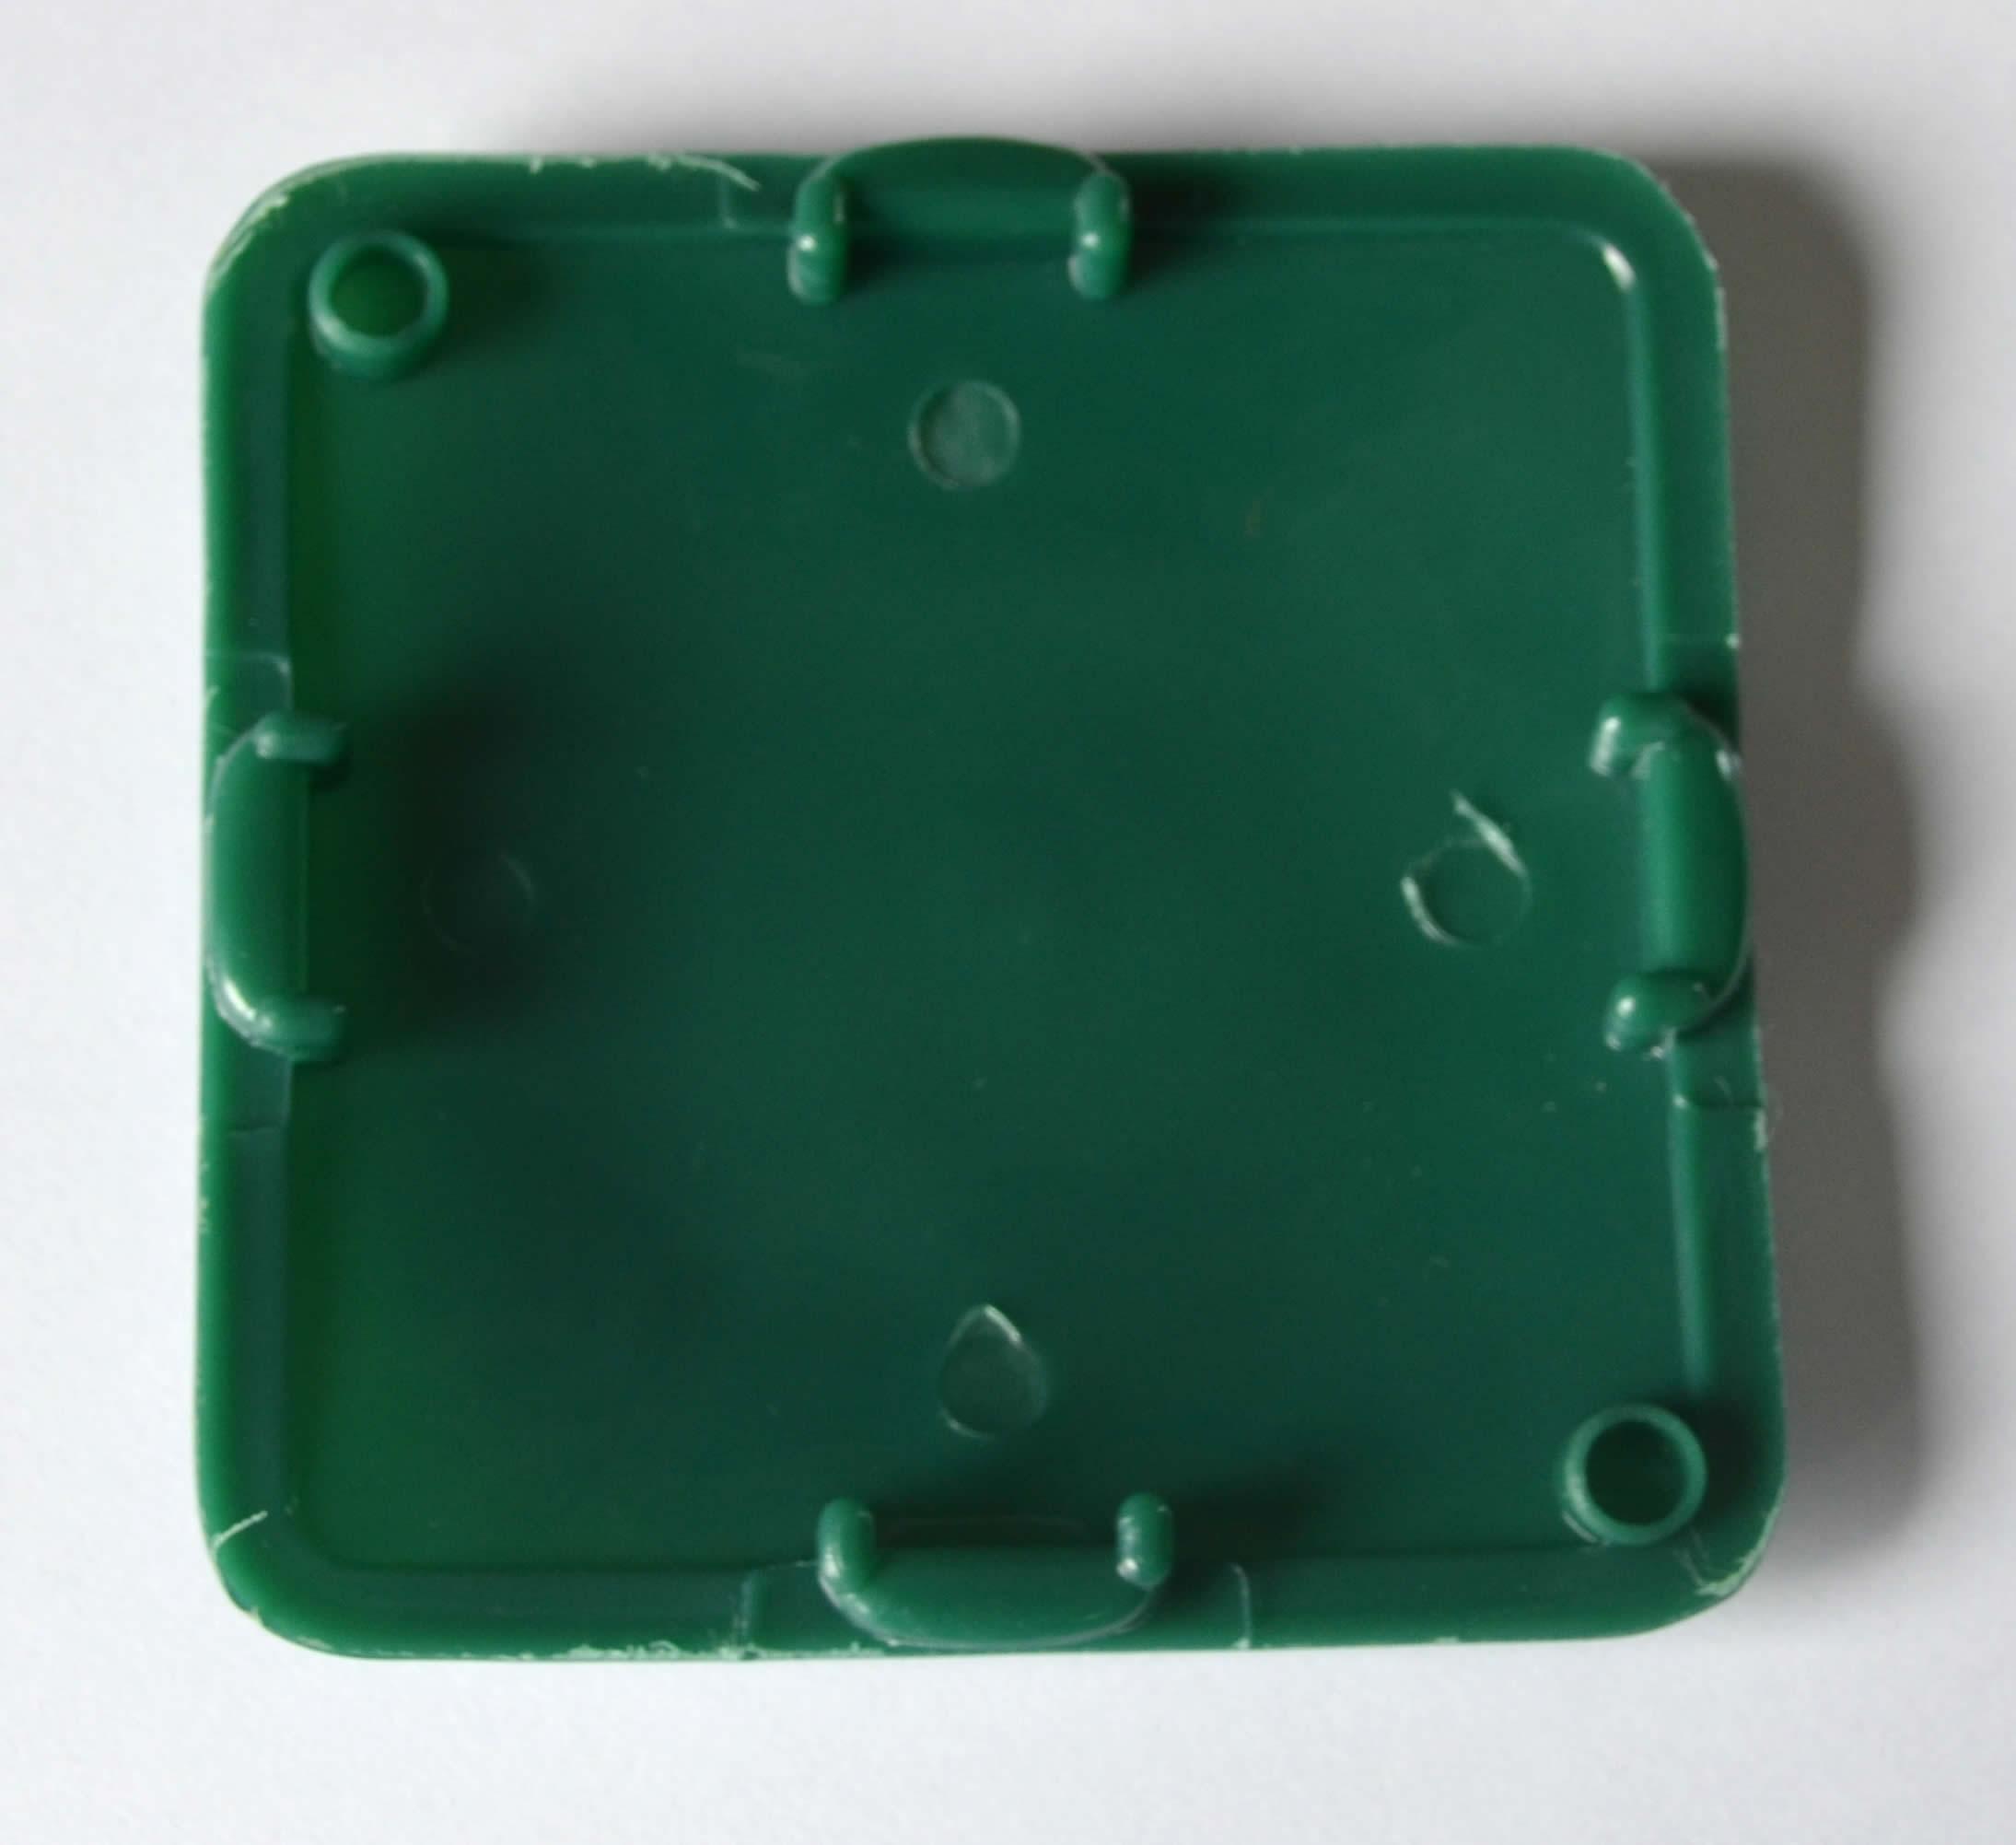 Verschlussdeckel grün passend für Deutz D-Serie 89 mm x 89 mm Abdeckung    15034